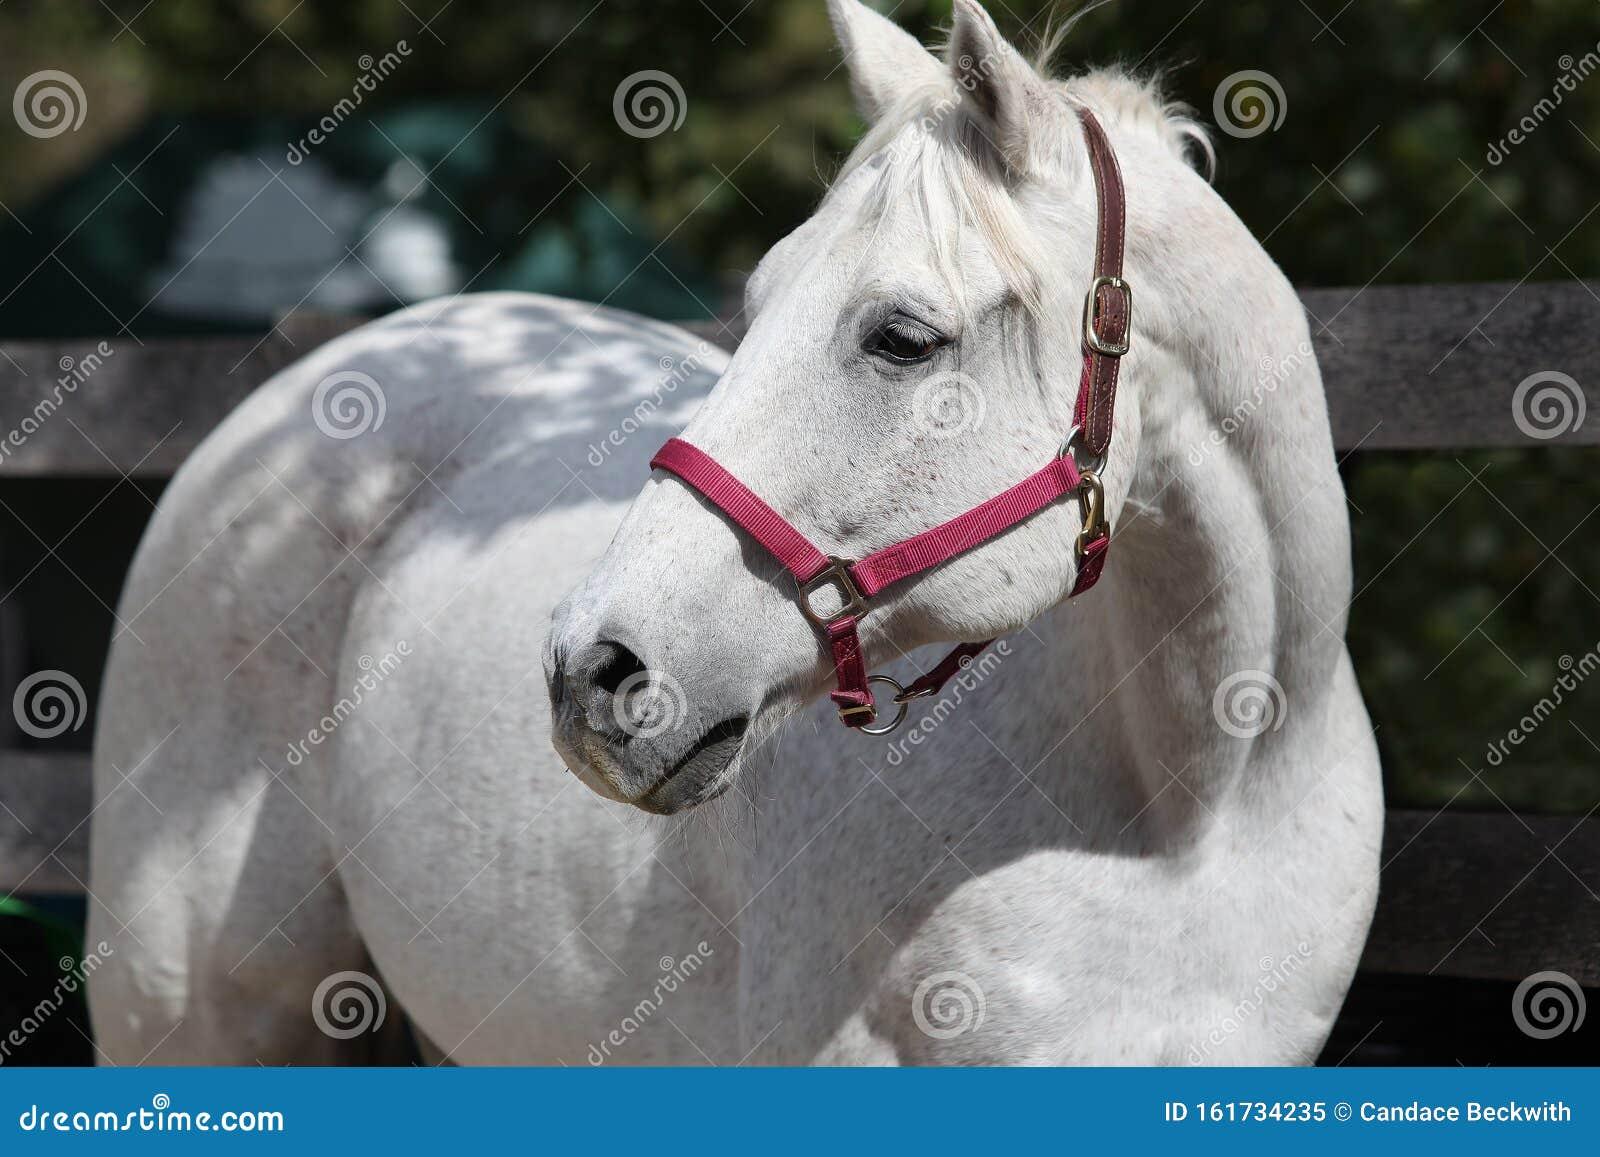 Andalusian Spanish Stallion Stock Image Image Of Racehorse Spanish 161734235